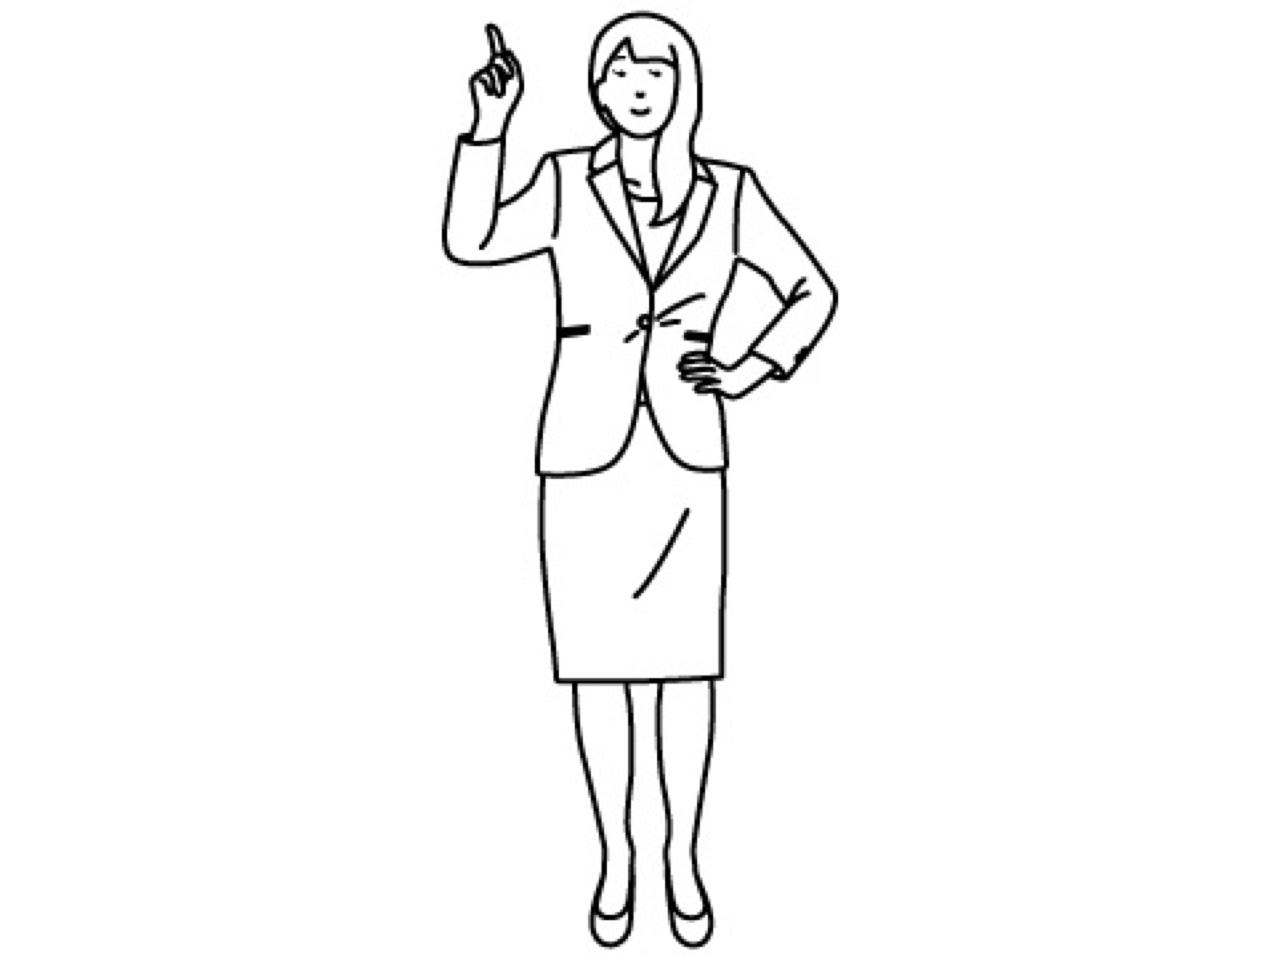 話し方セミナーの選び方5つのチェックポイント